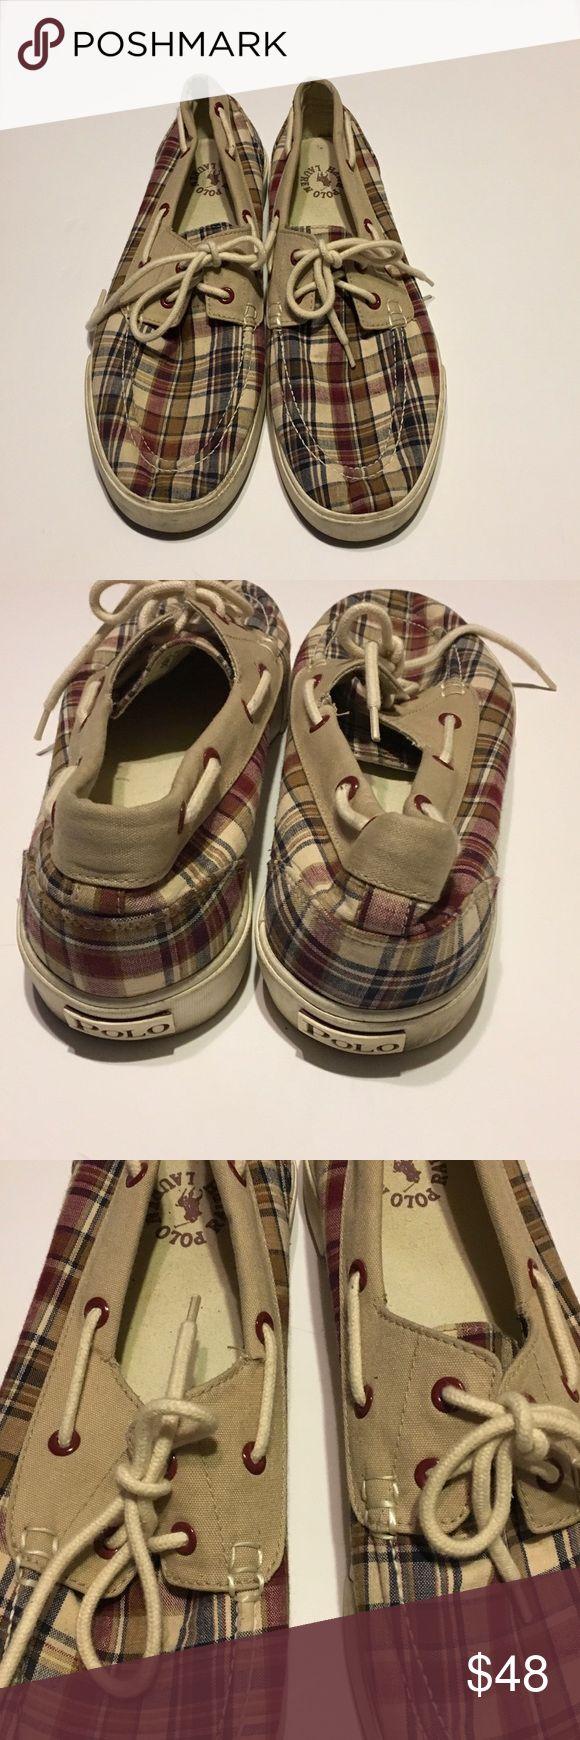 Authentic Men Polo Shoes In good condition no damage Ralph Lauren Shoes